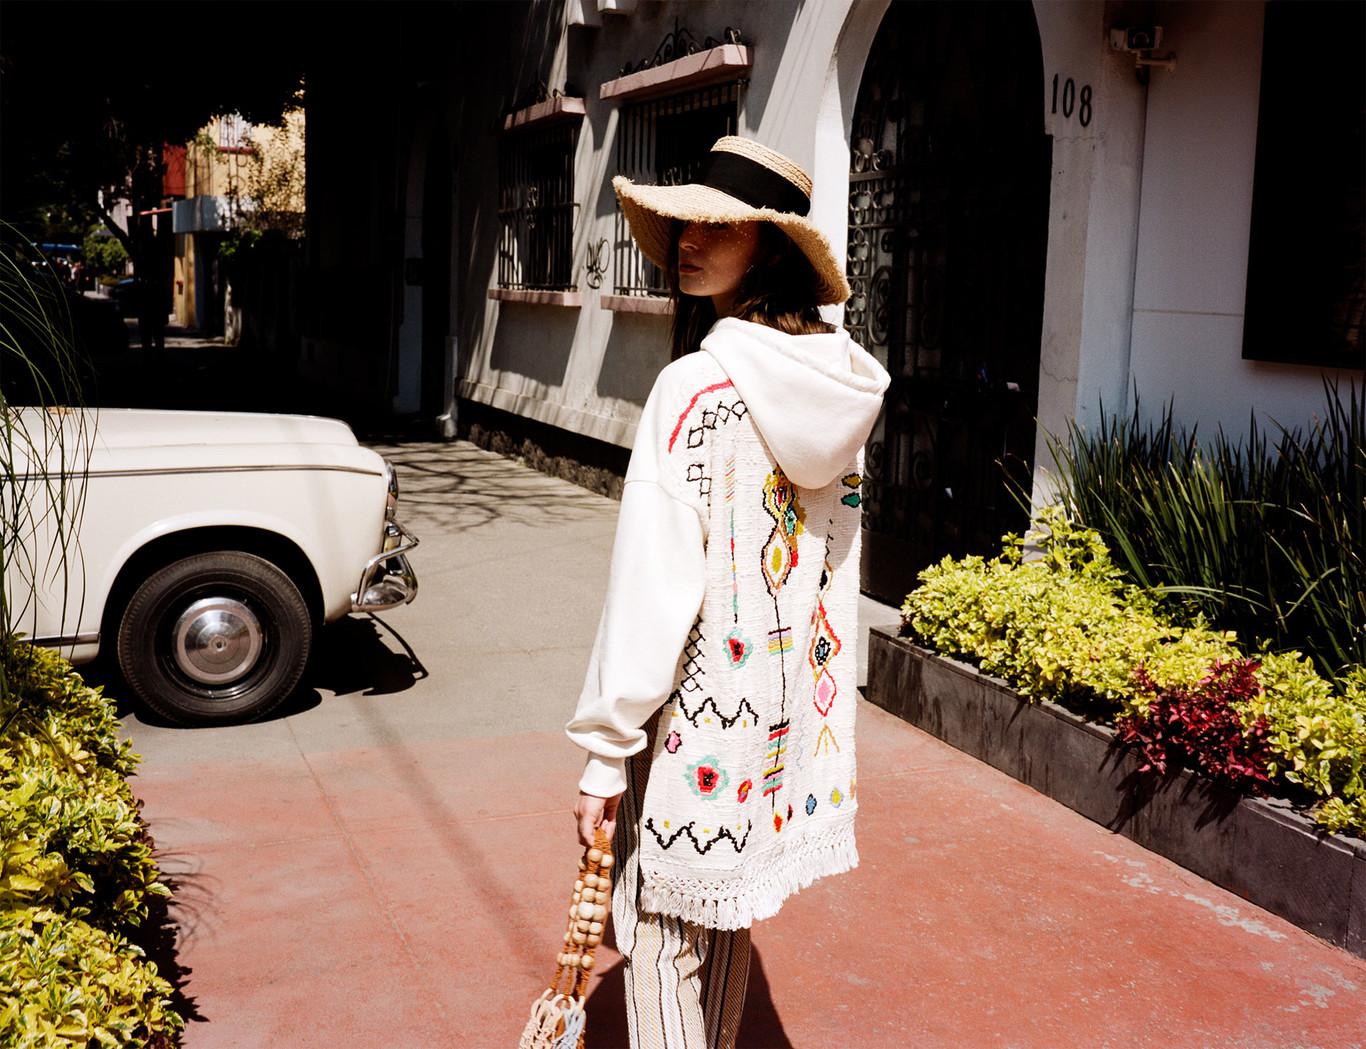 Zara sabe que en verano los vestidos son la prenda favorita y lanza una  colección apta para todos los gustos (y estilos) 20855732d93